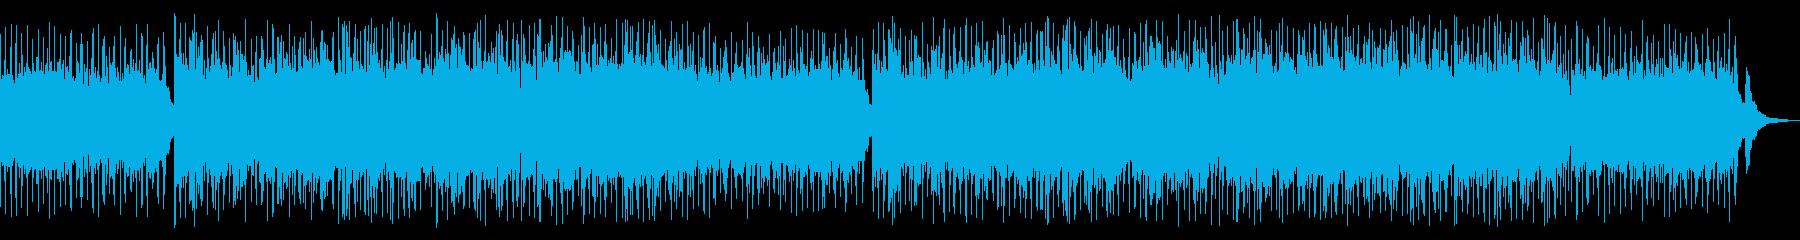 爽やかで明るい気持ちになれるアコギBGMの再生済みの波形